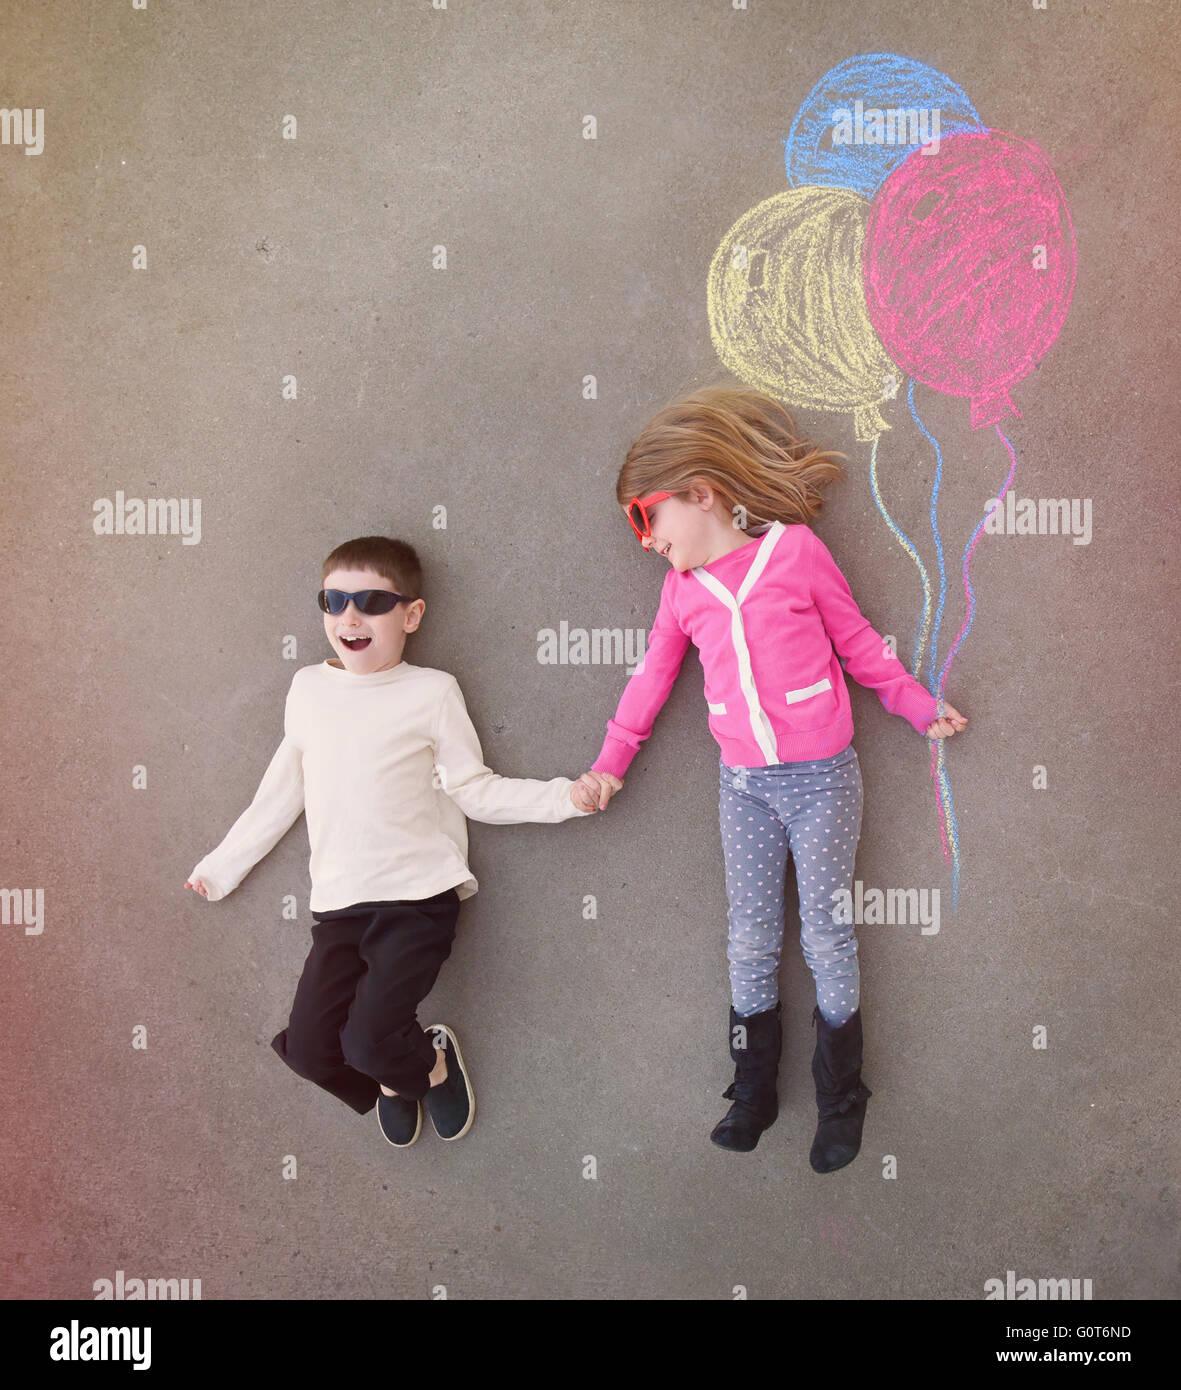 Kinder halten Händchen im Außenbereich mit bunter Kreide Luftballons skizziert auf Zement für eine Stockbild